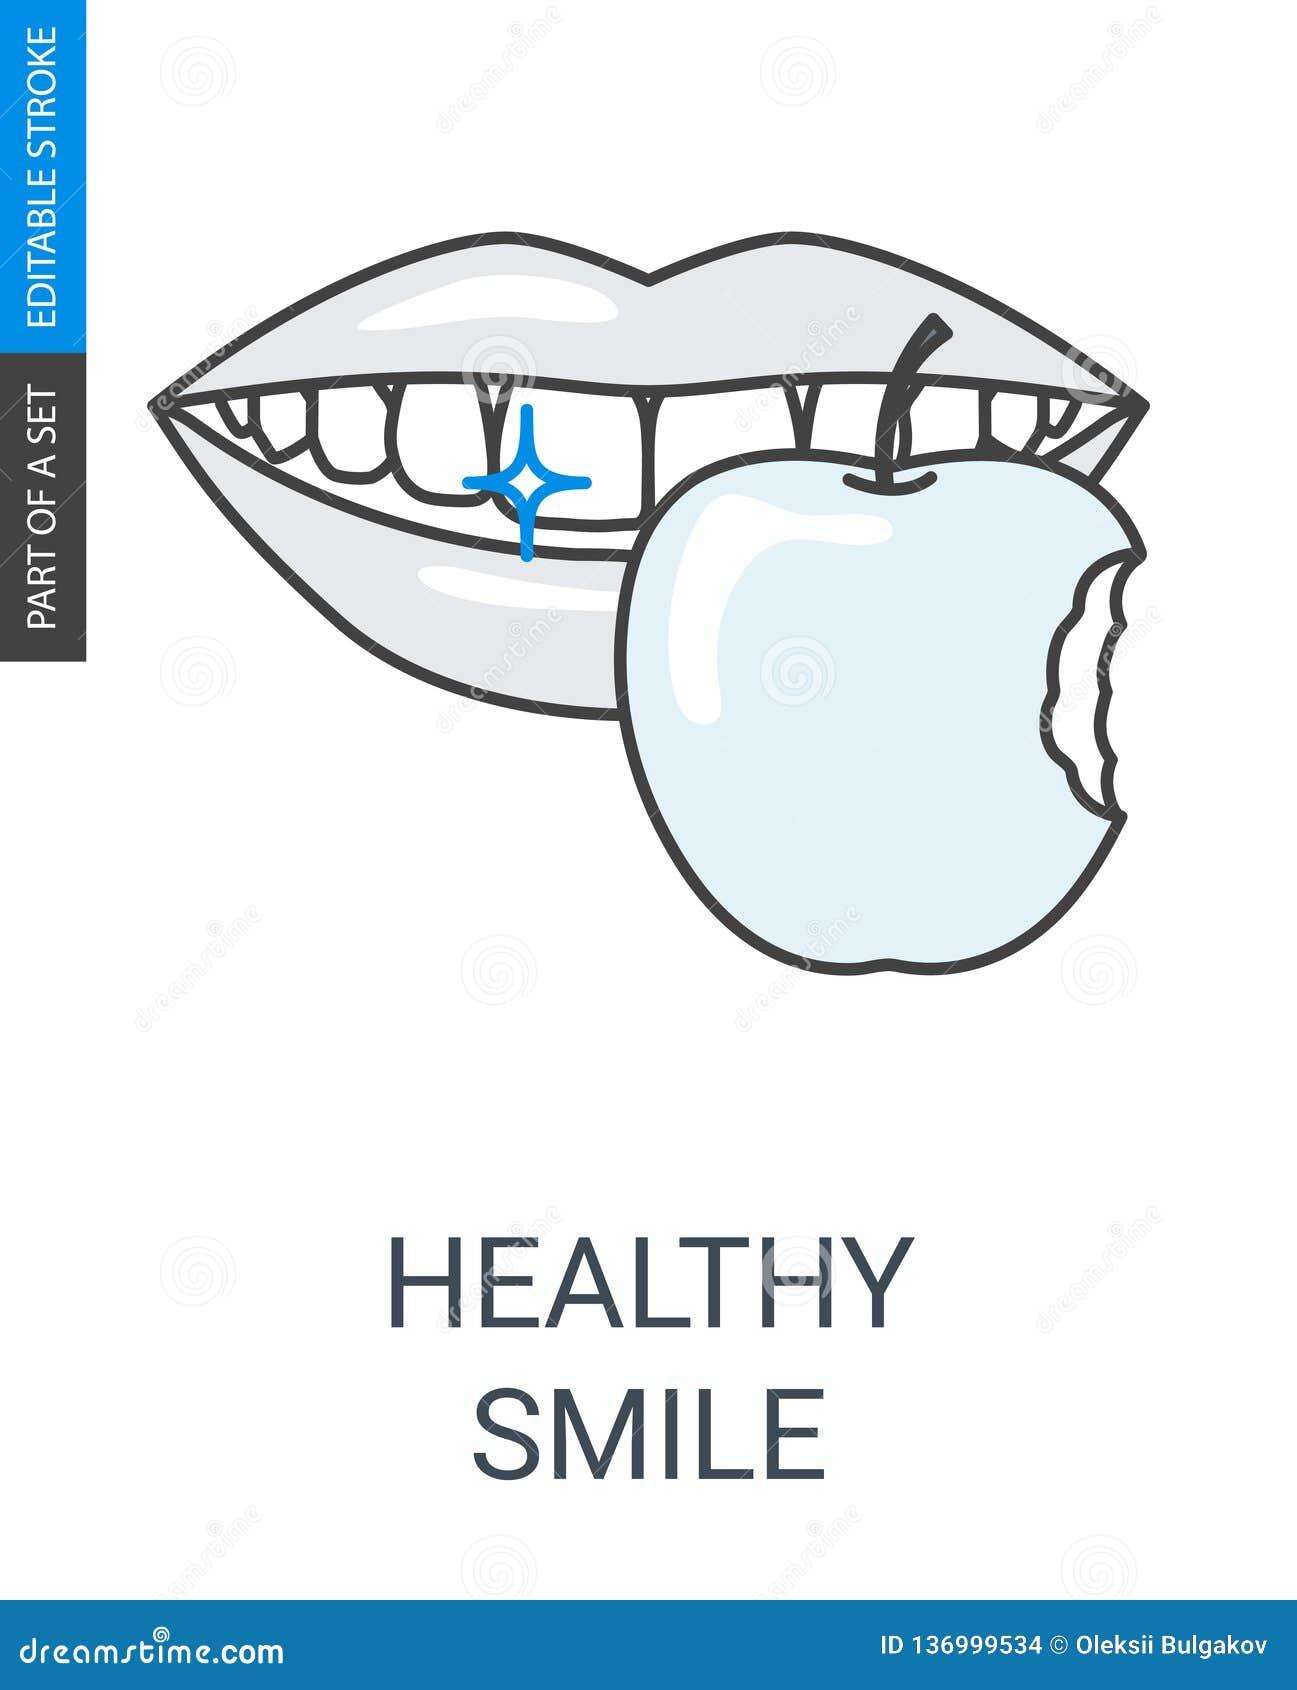 TeethHealthDurability